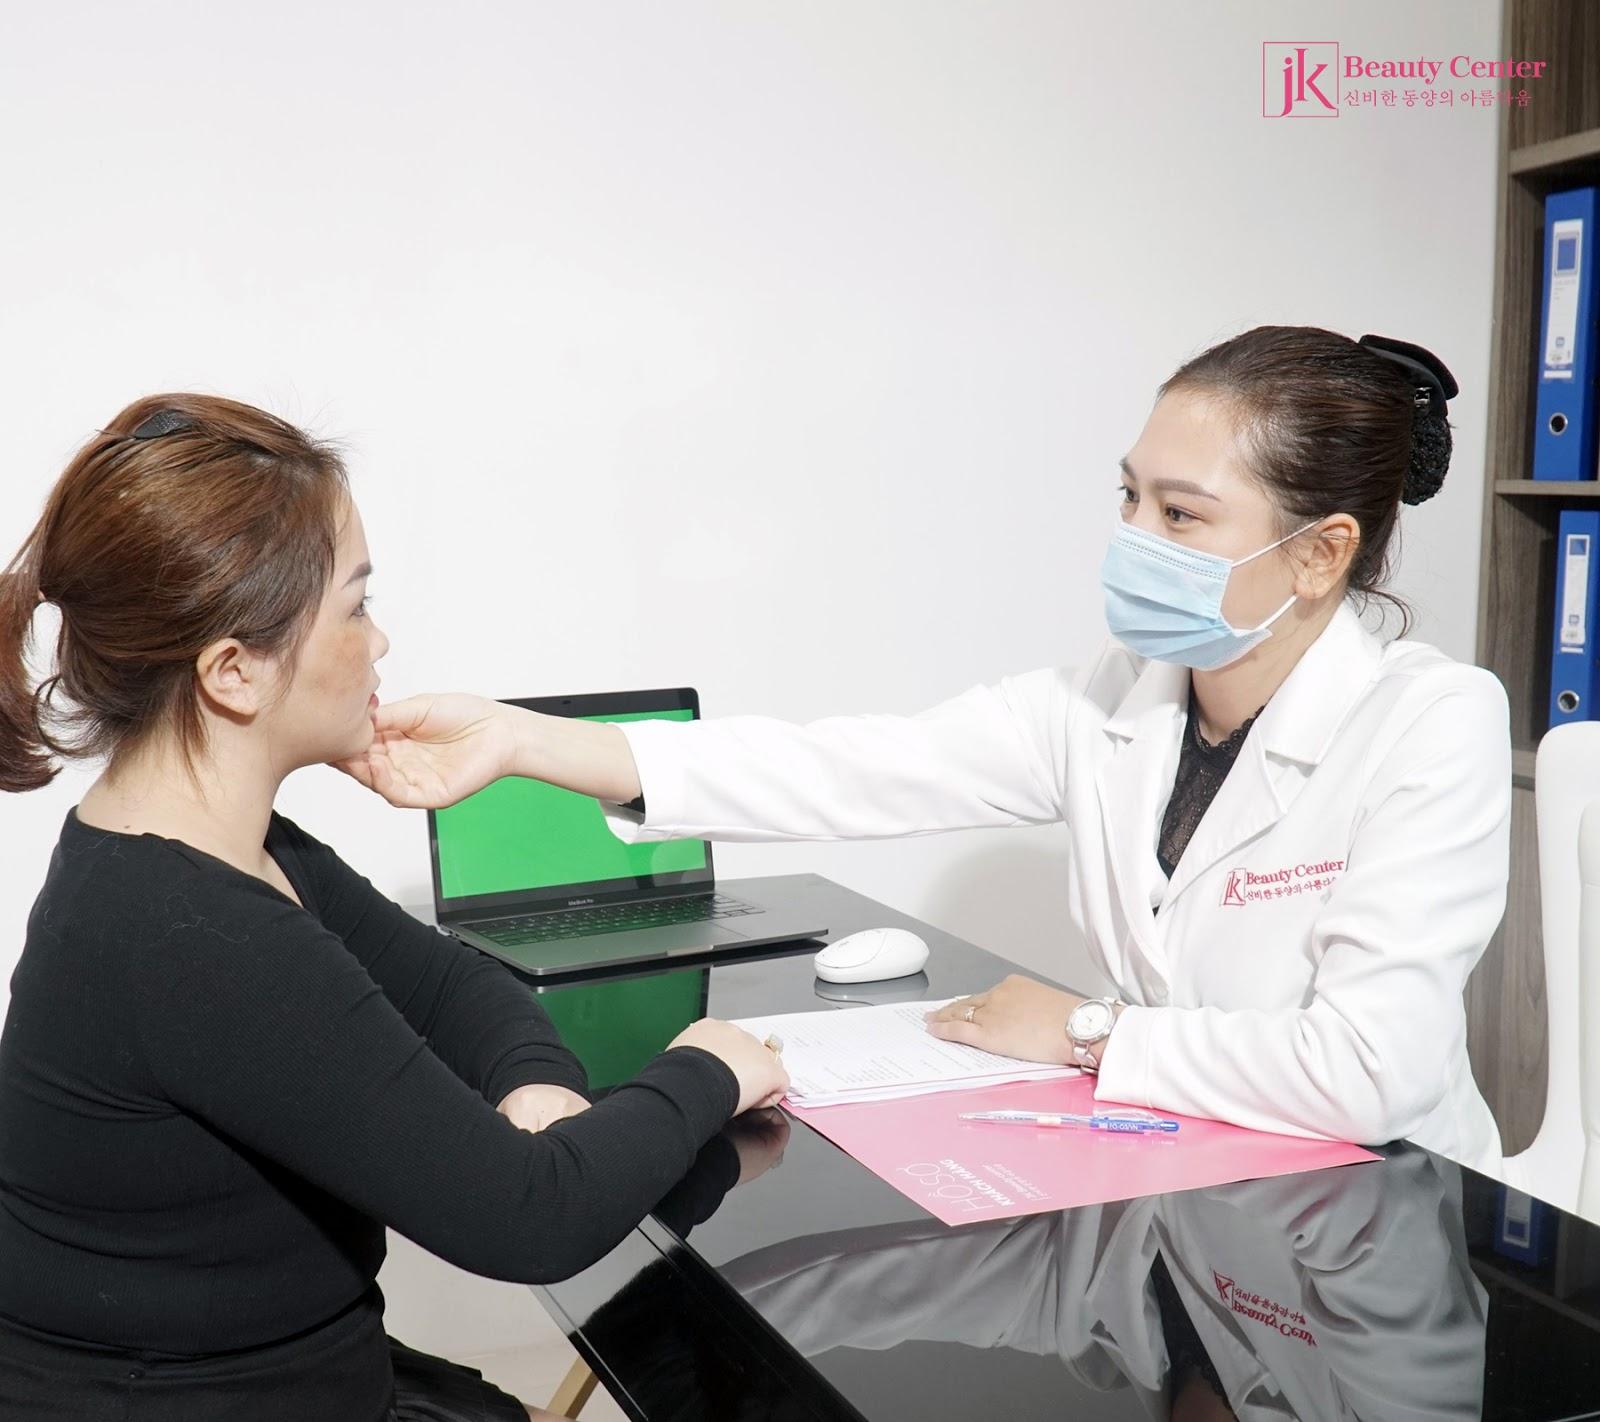 Phương pháp xóa nếp nhăn trên mặt và những điều bạn cần biết